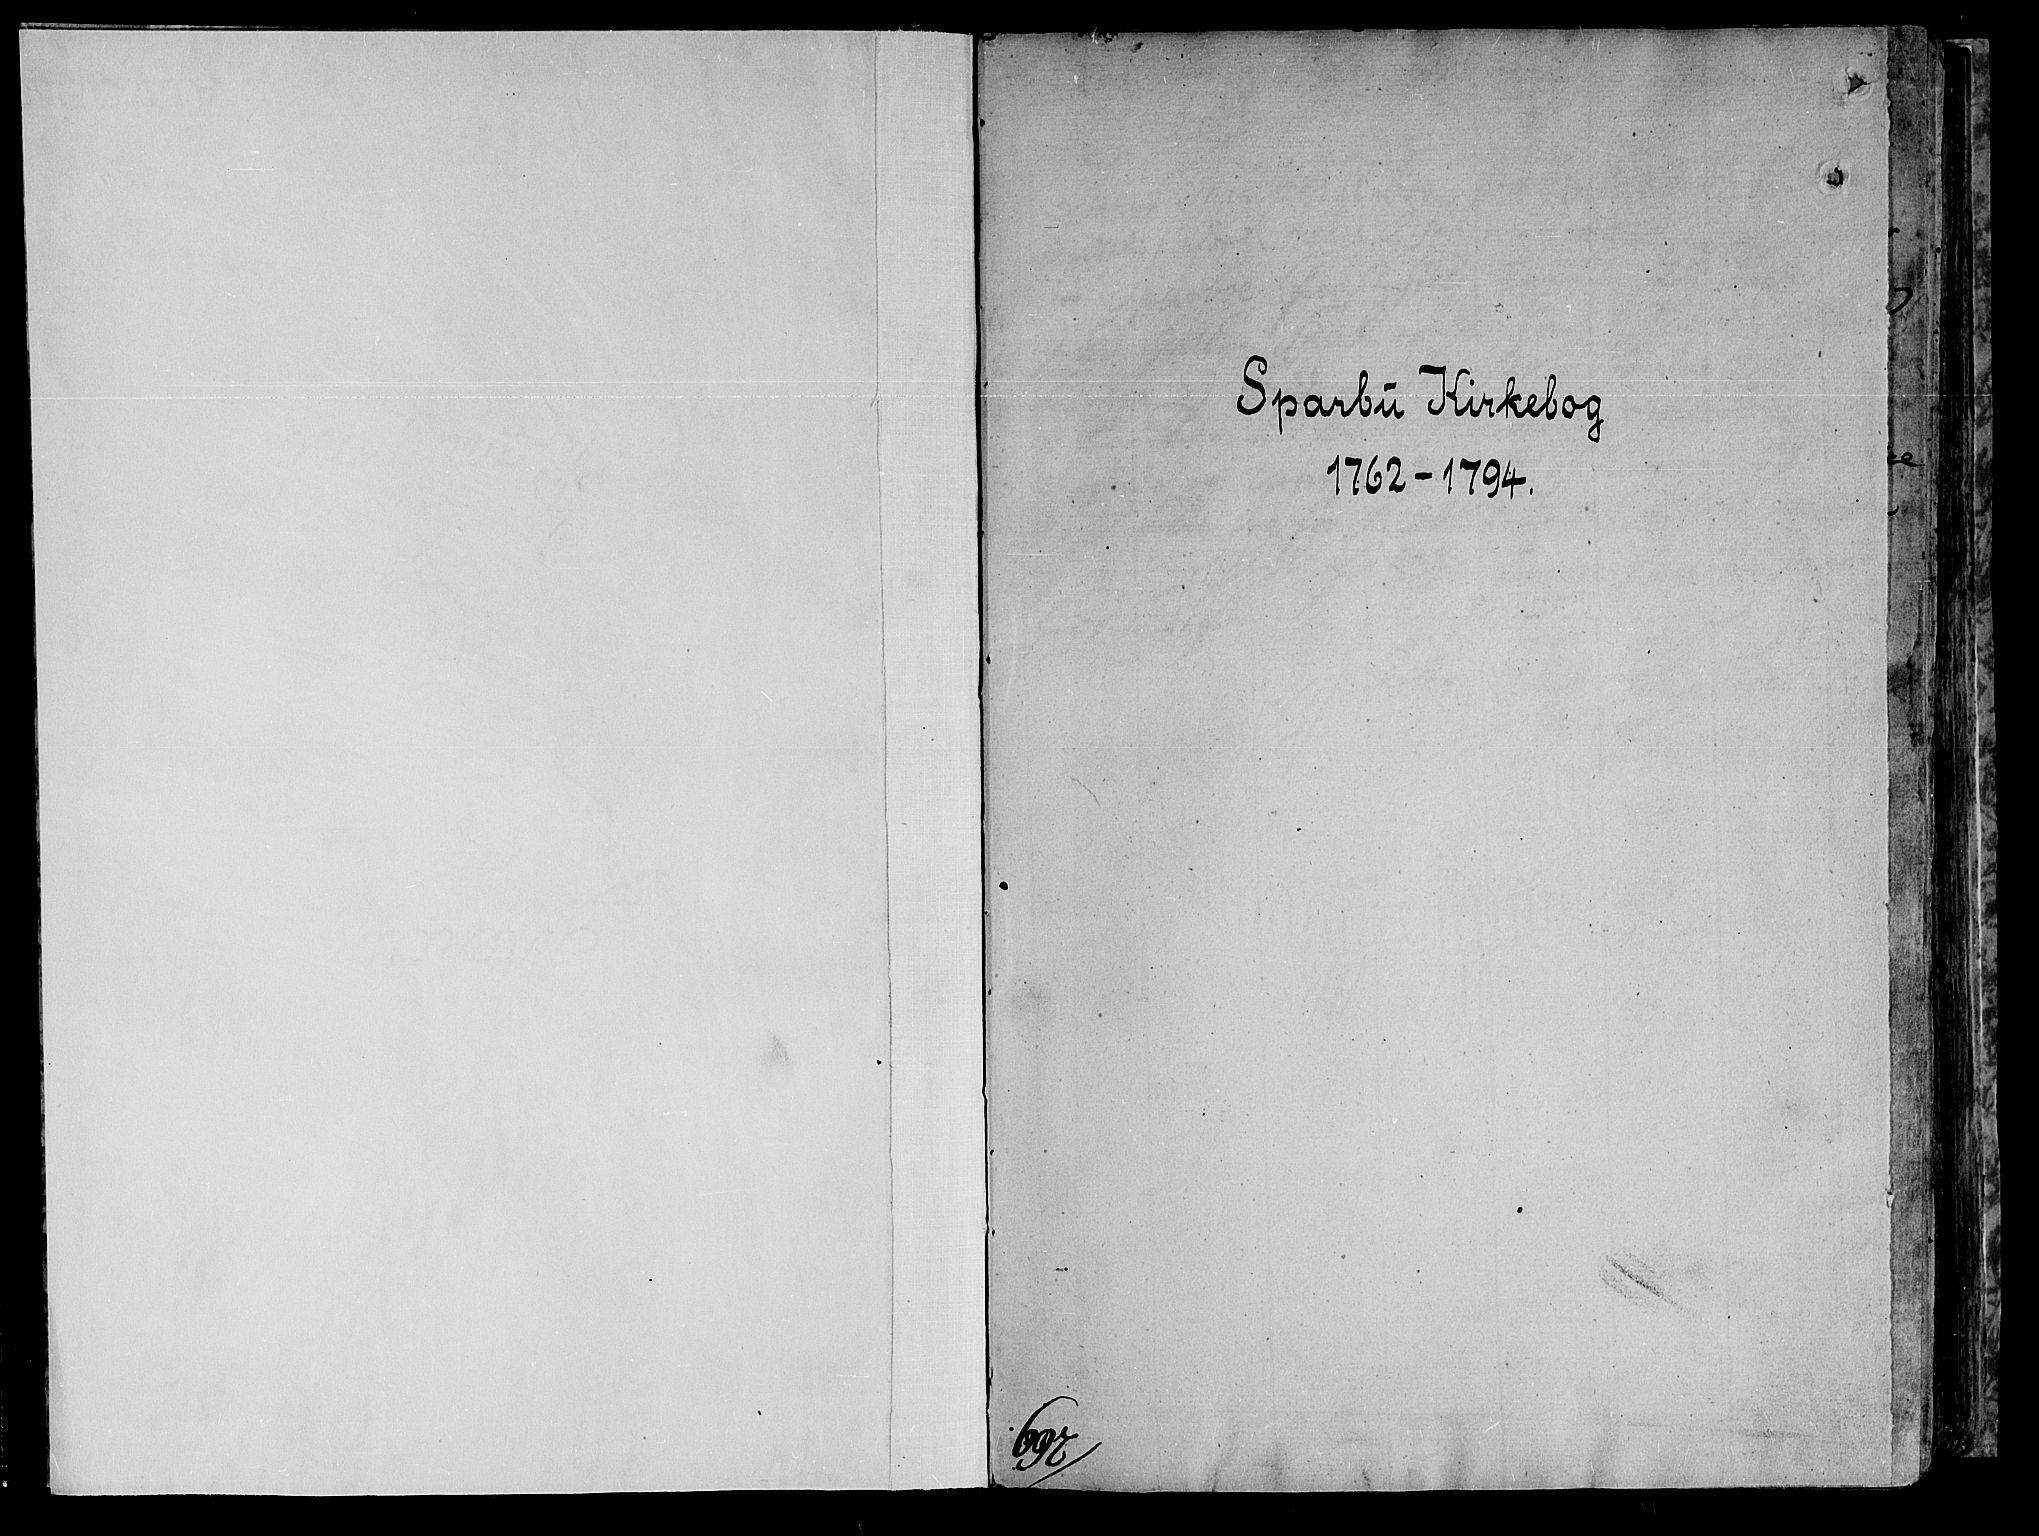 SAT, Ministerialprotokoller, klokkerbøker og fødselsregistre - Nord-Trøndelag, 735/L0331: Ministerialbok nr. 735A02, 1762-1794